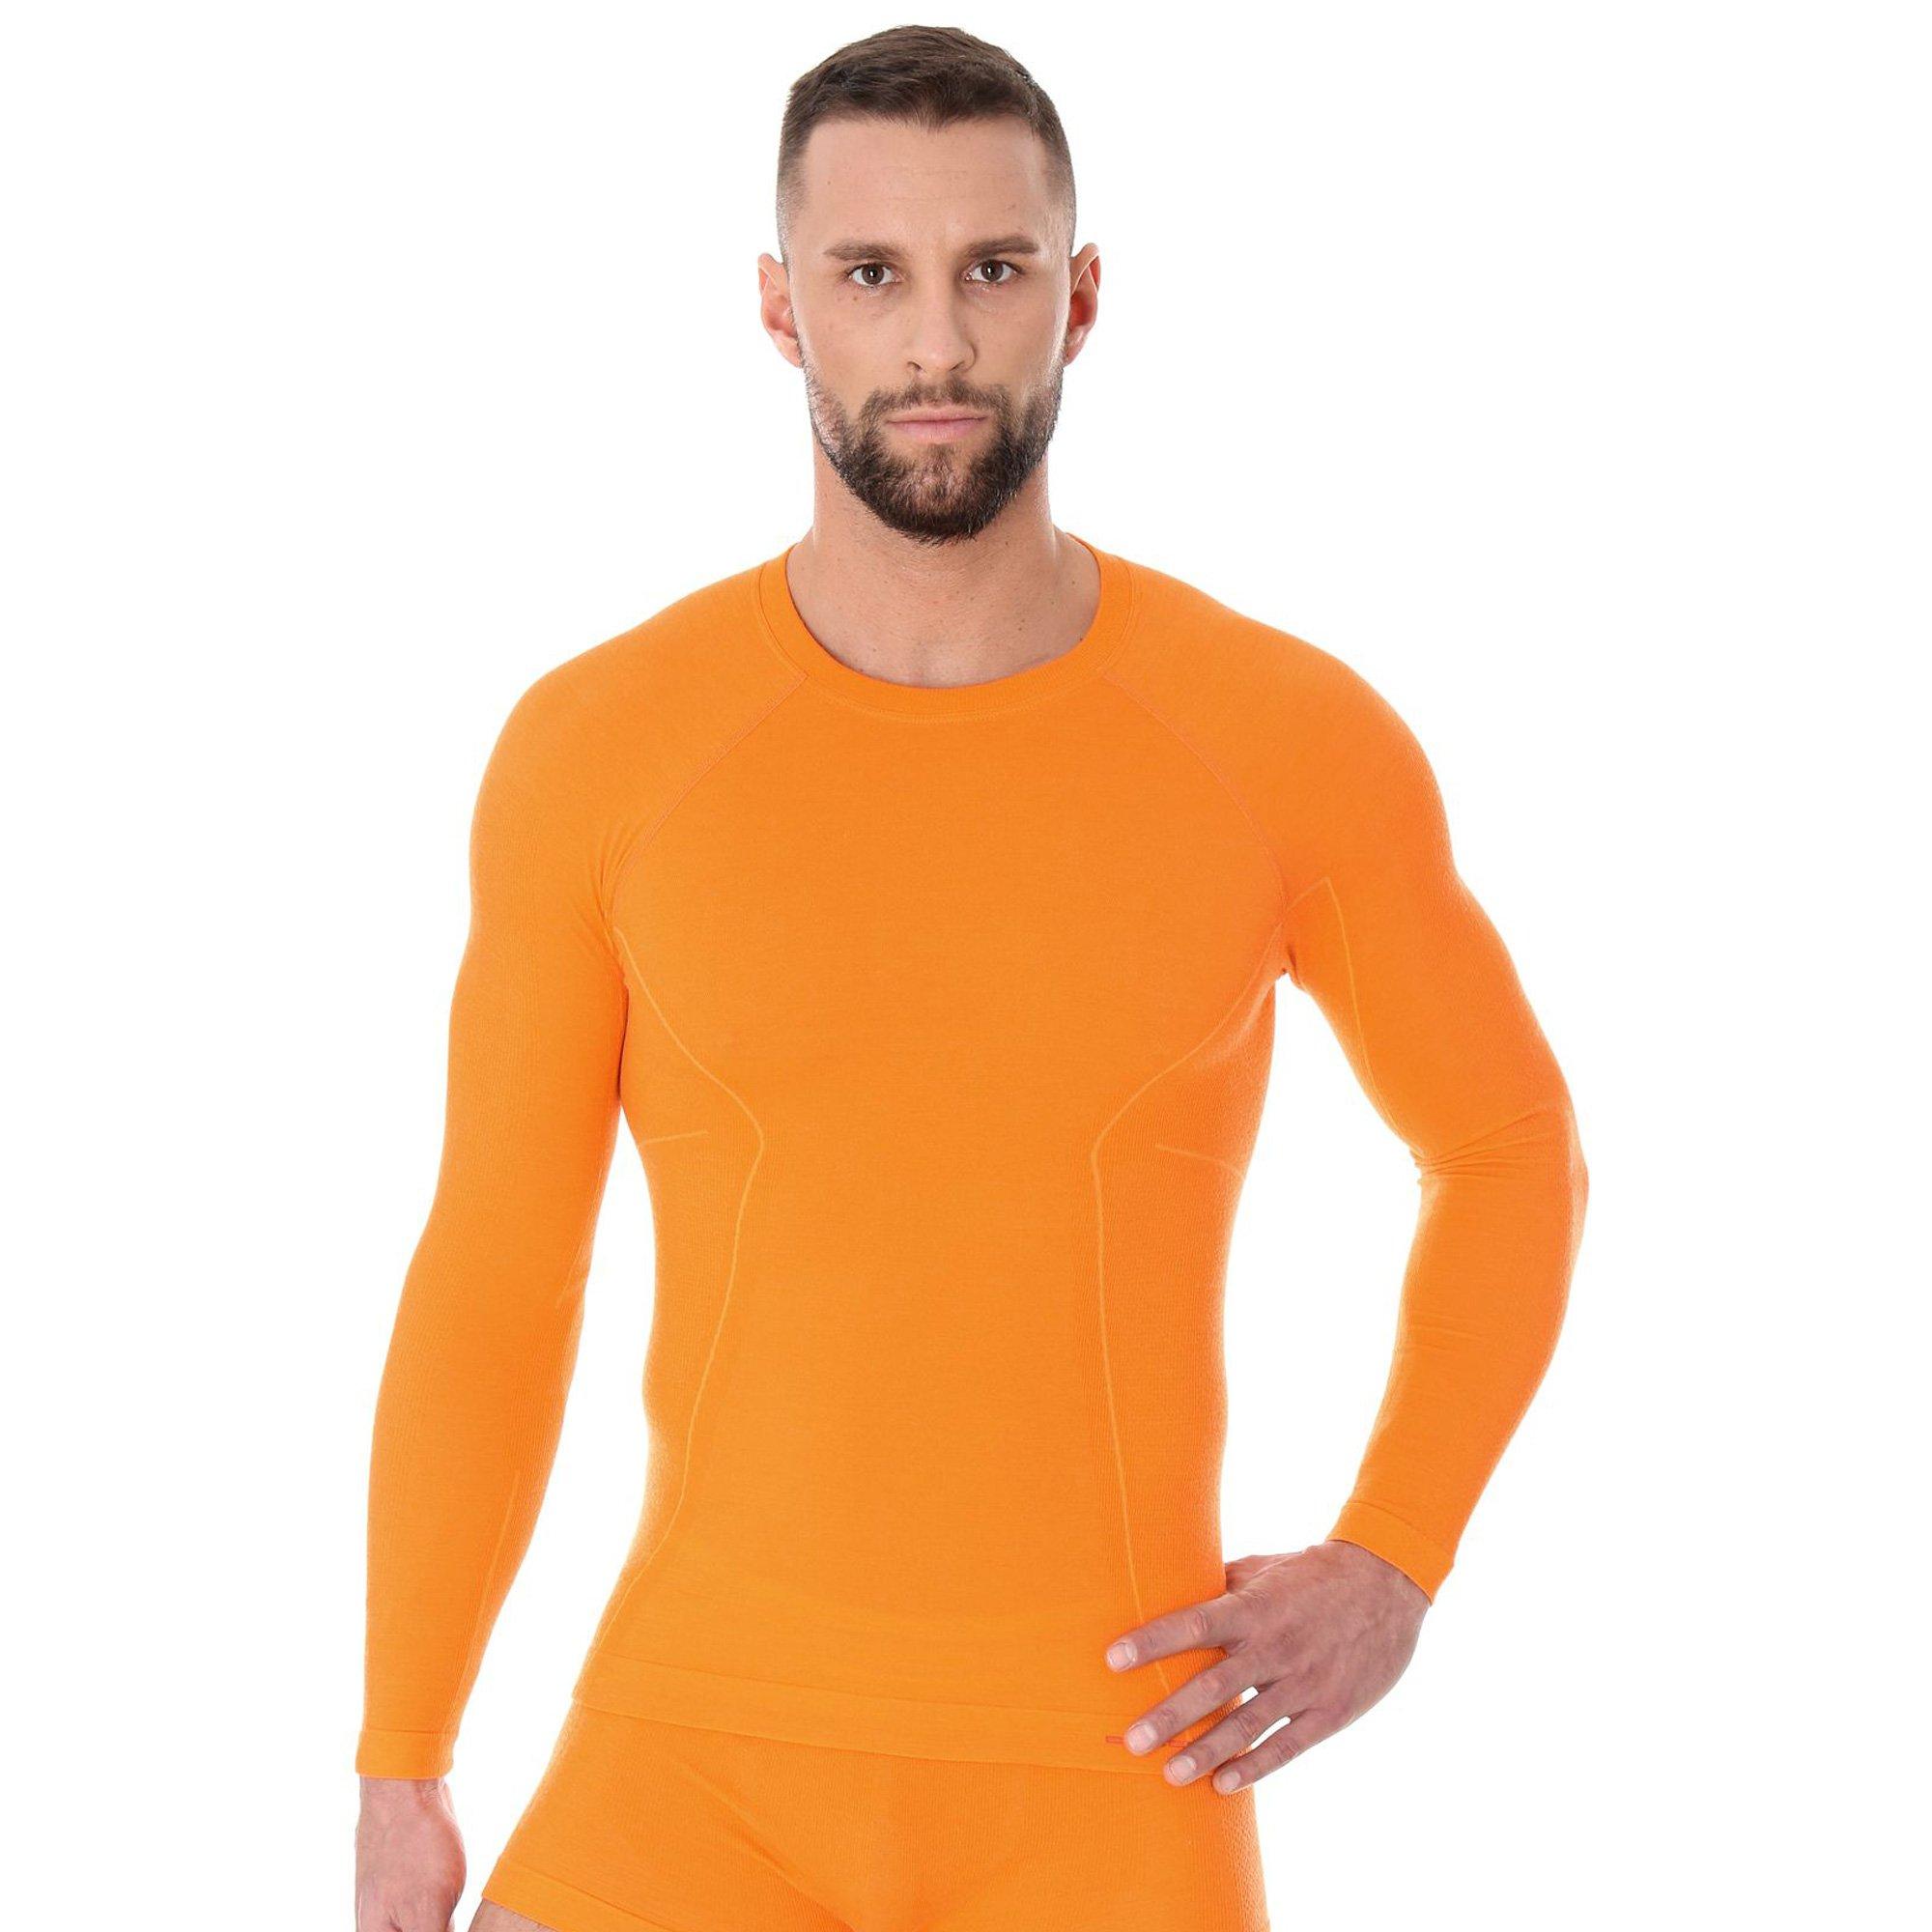 01c2919e4 ... Koszulka męska Brubeck ACTIVE WOOL z długim rękawem Bielizna  termoaktywna Wełna Merino ...